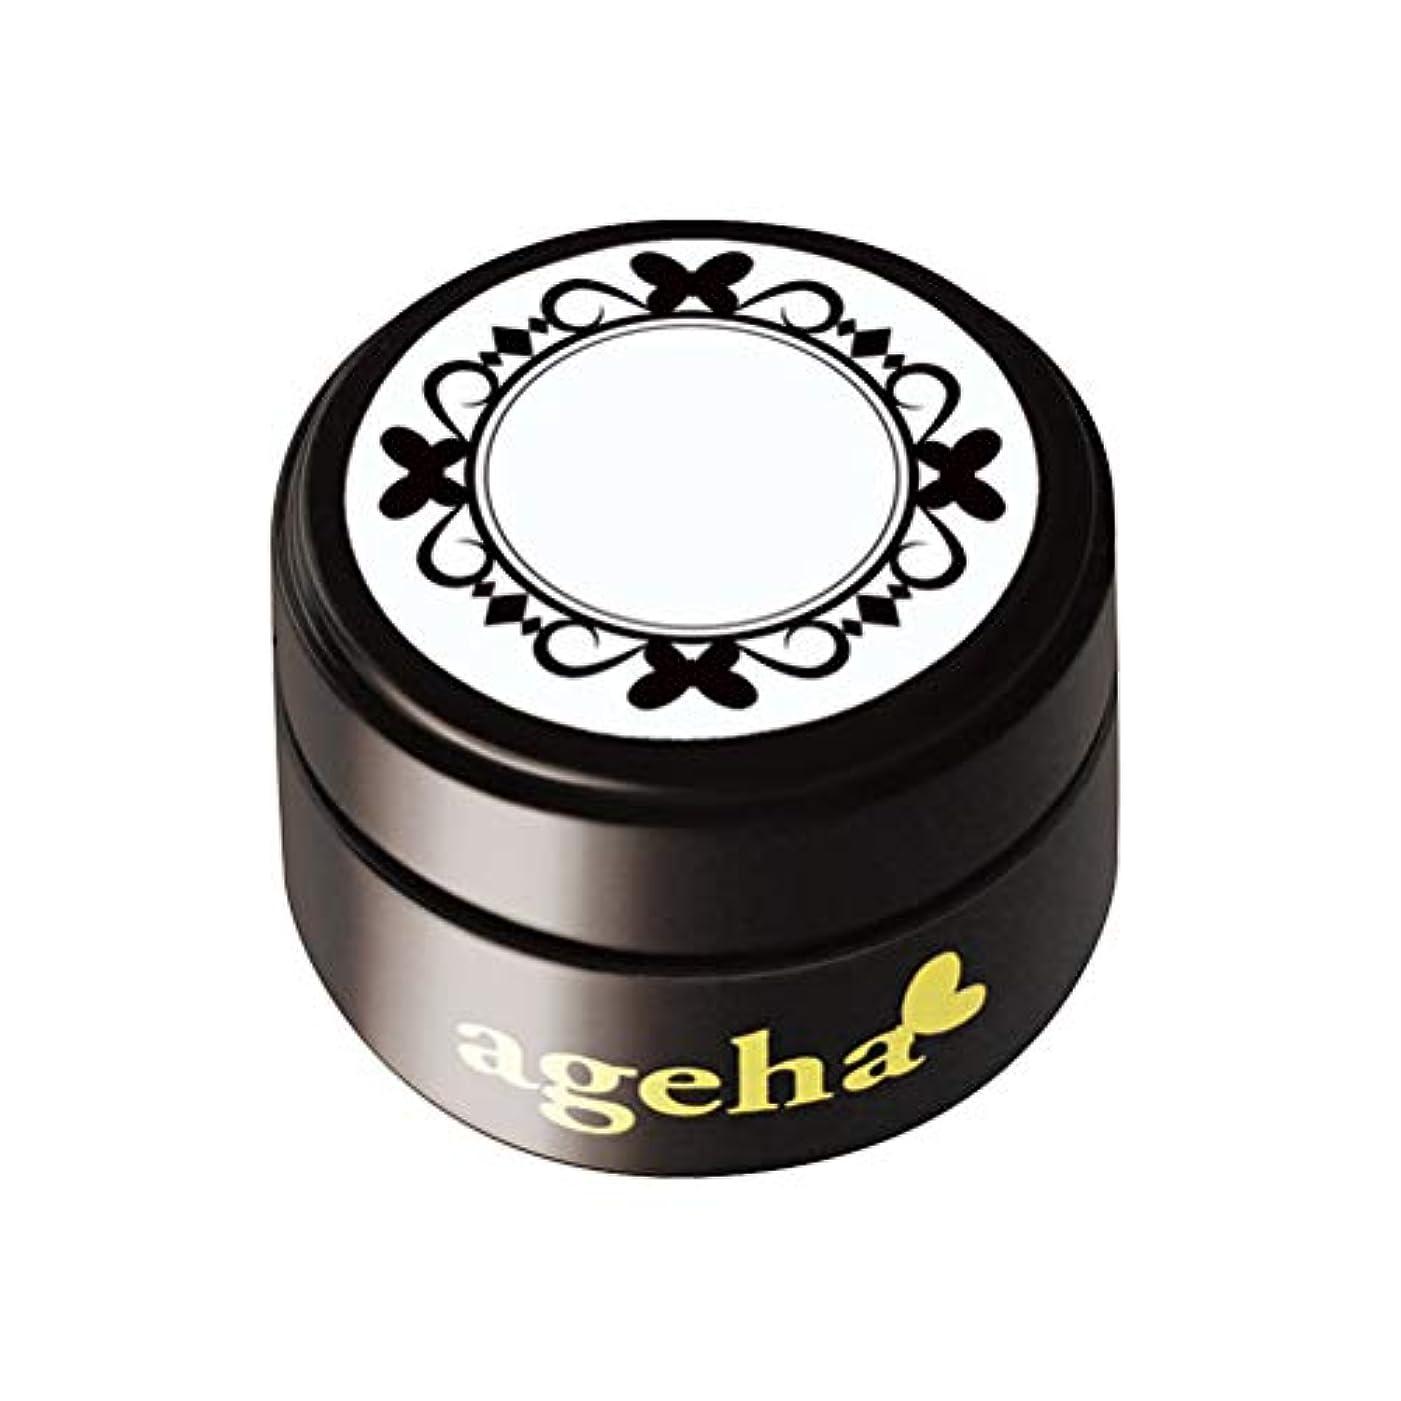 レザー到着告白するageha コスメカラー 413 ラグジュエル エマ グリッター 2.7g UV/LED対応